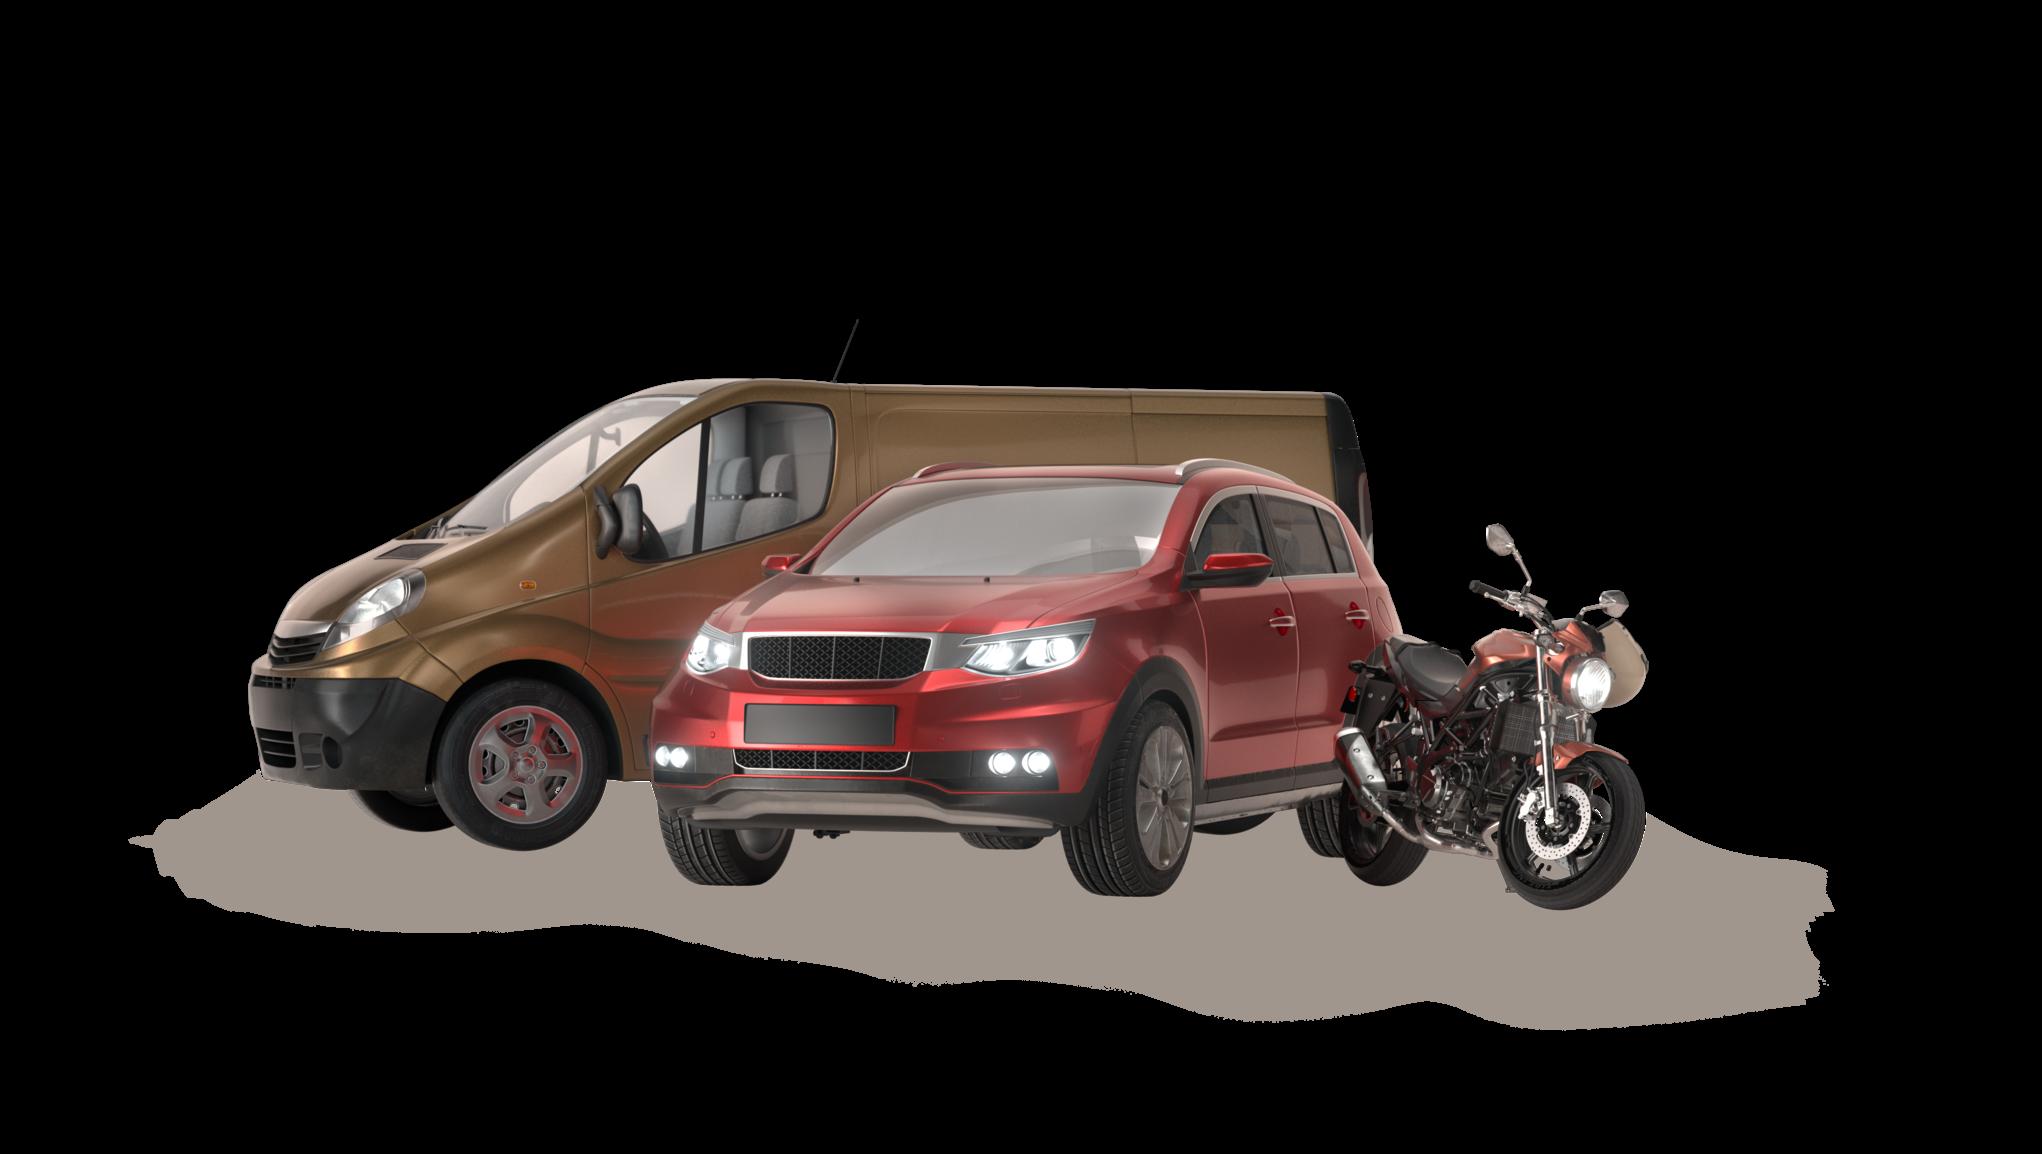 Liikluskindlustus on kohustuslik kindlustus Sinu sõidukile